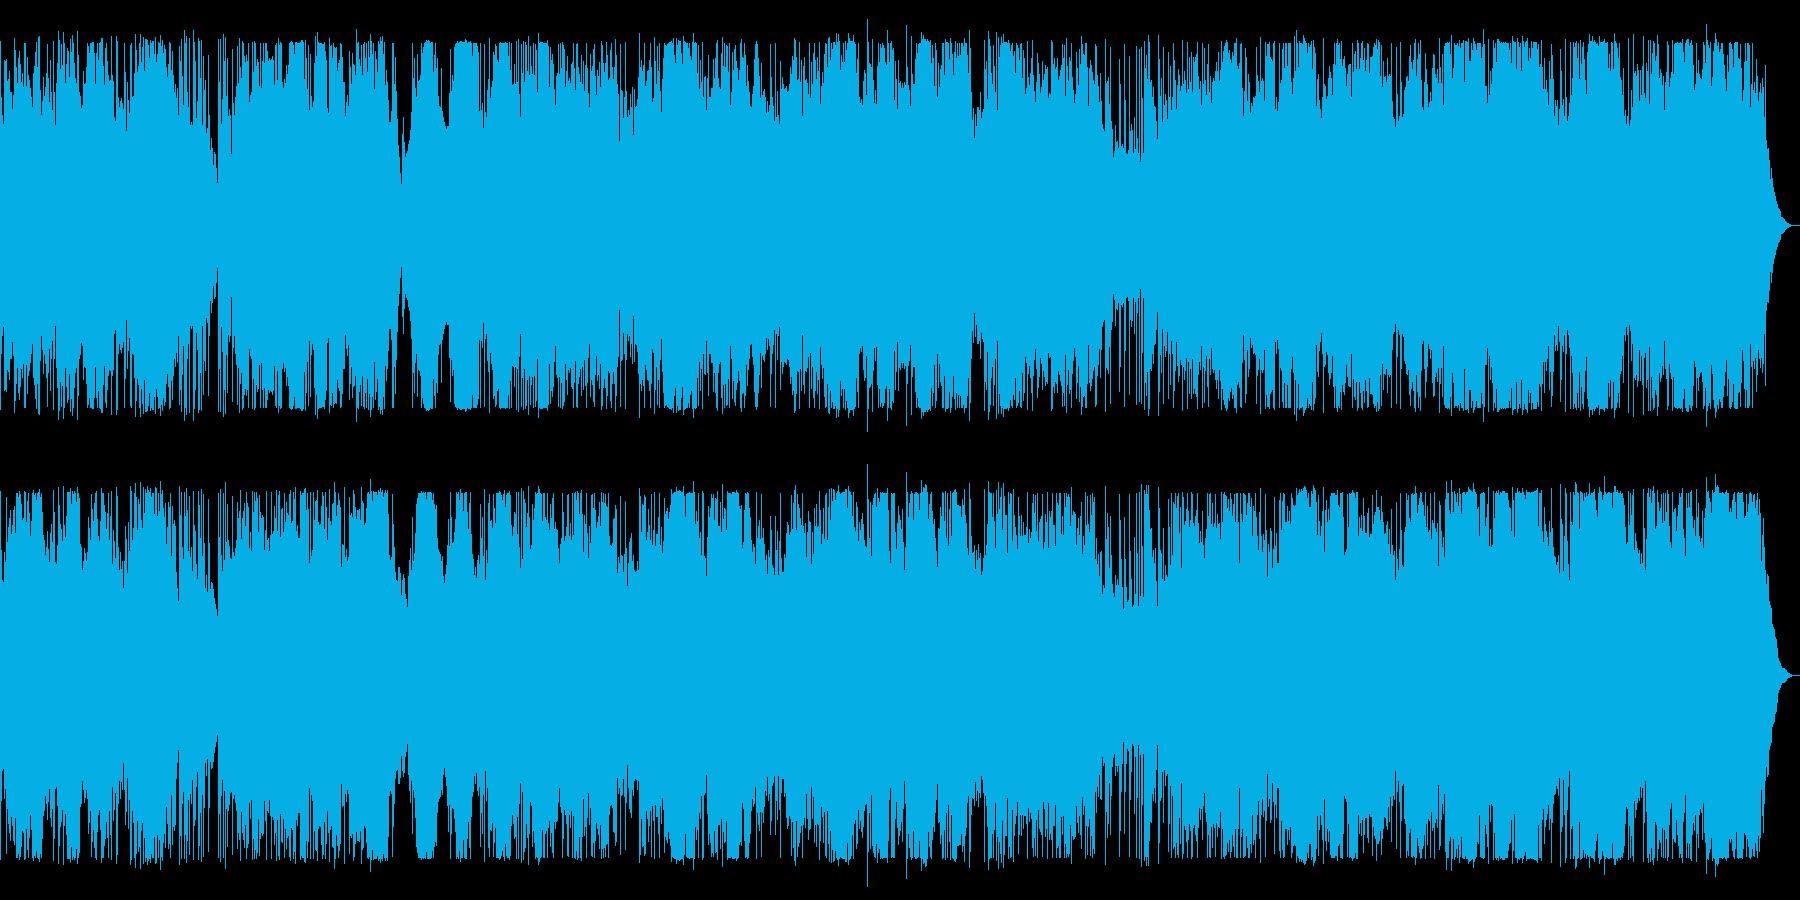 ドラム、ベース、シンセのダークなBGMの再生済みの波形